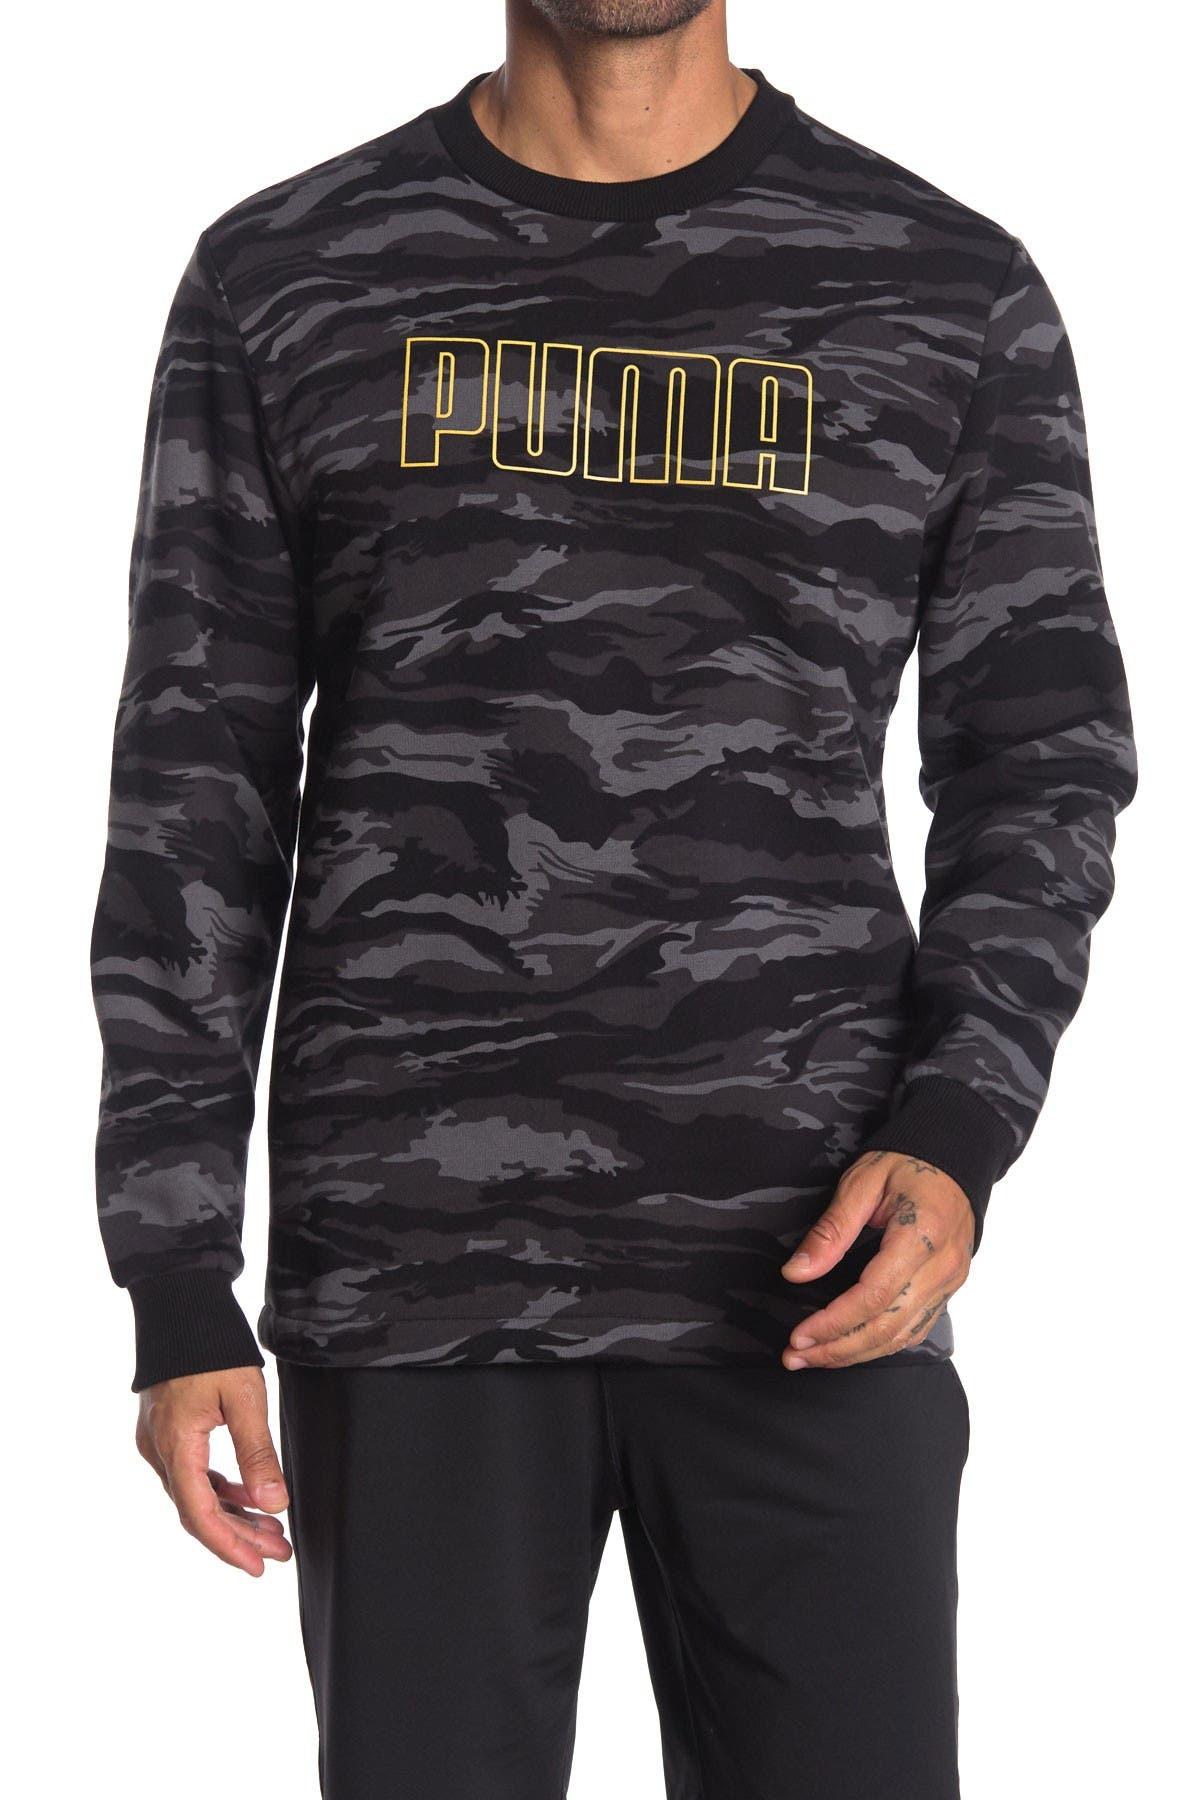 Image of PUMA Logo Camo Fleece Sweatshirt